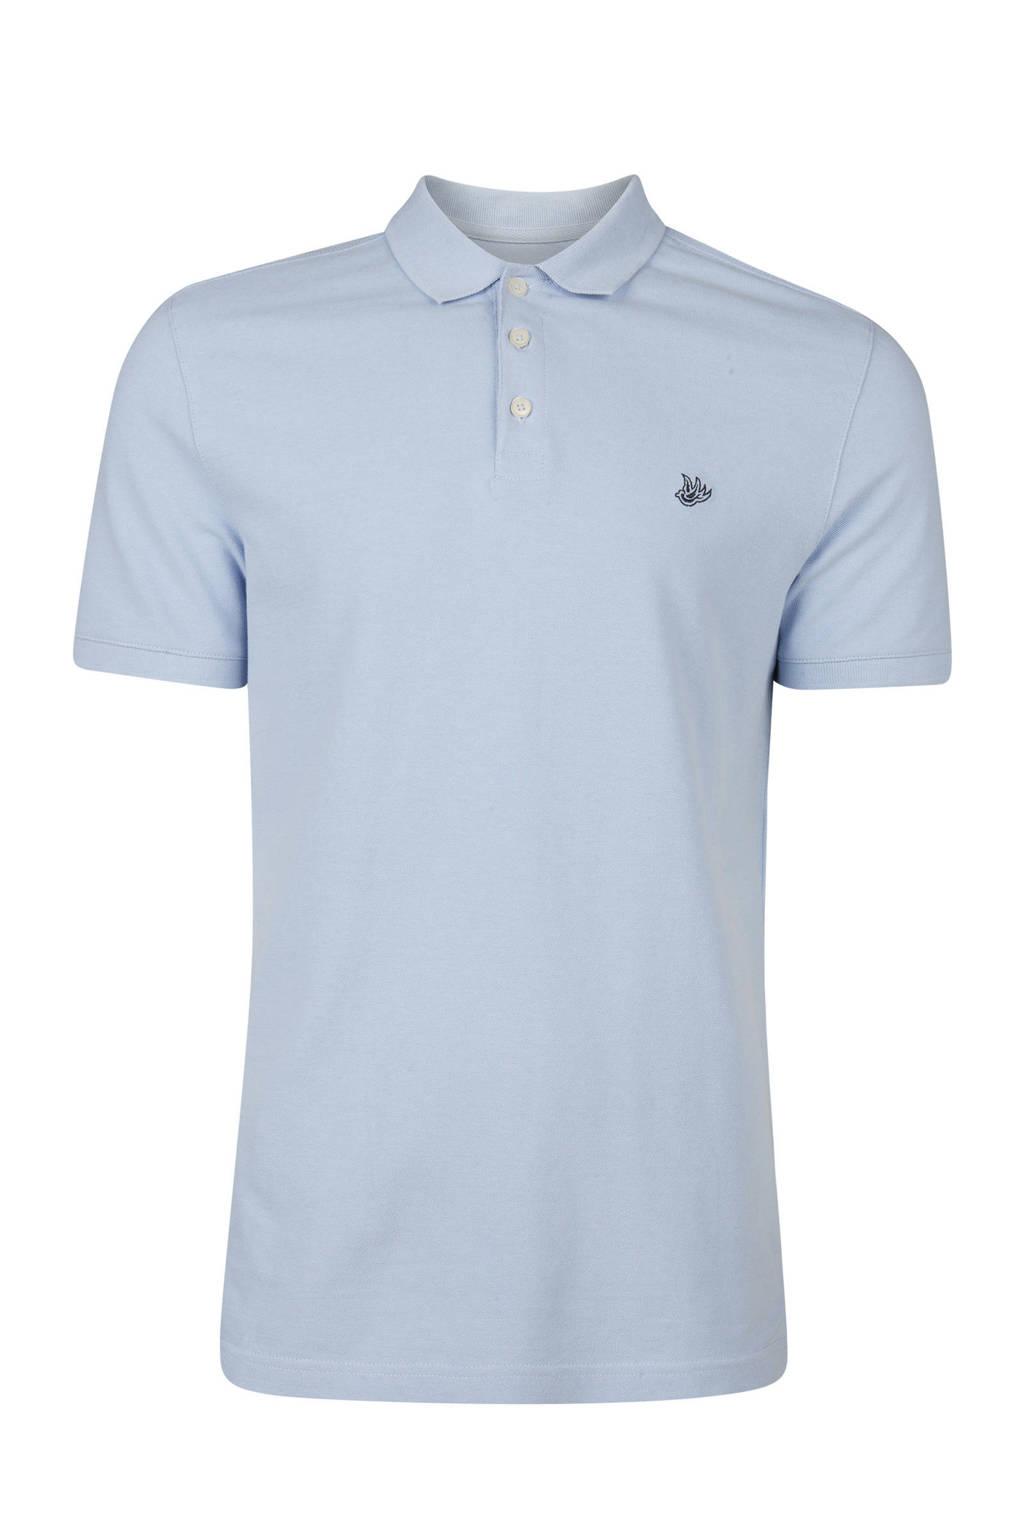 WE Fashion slim fit polo, Lichtblauw